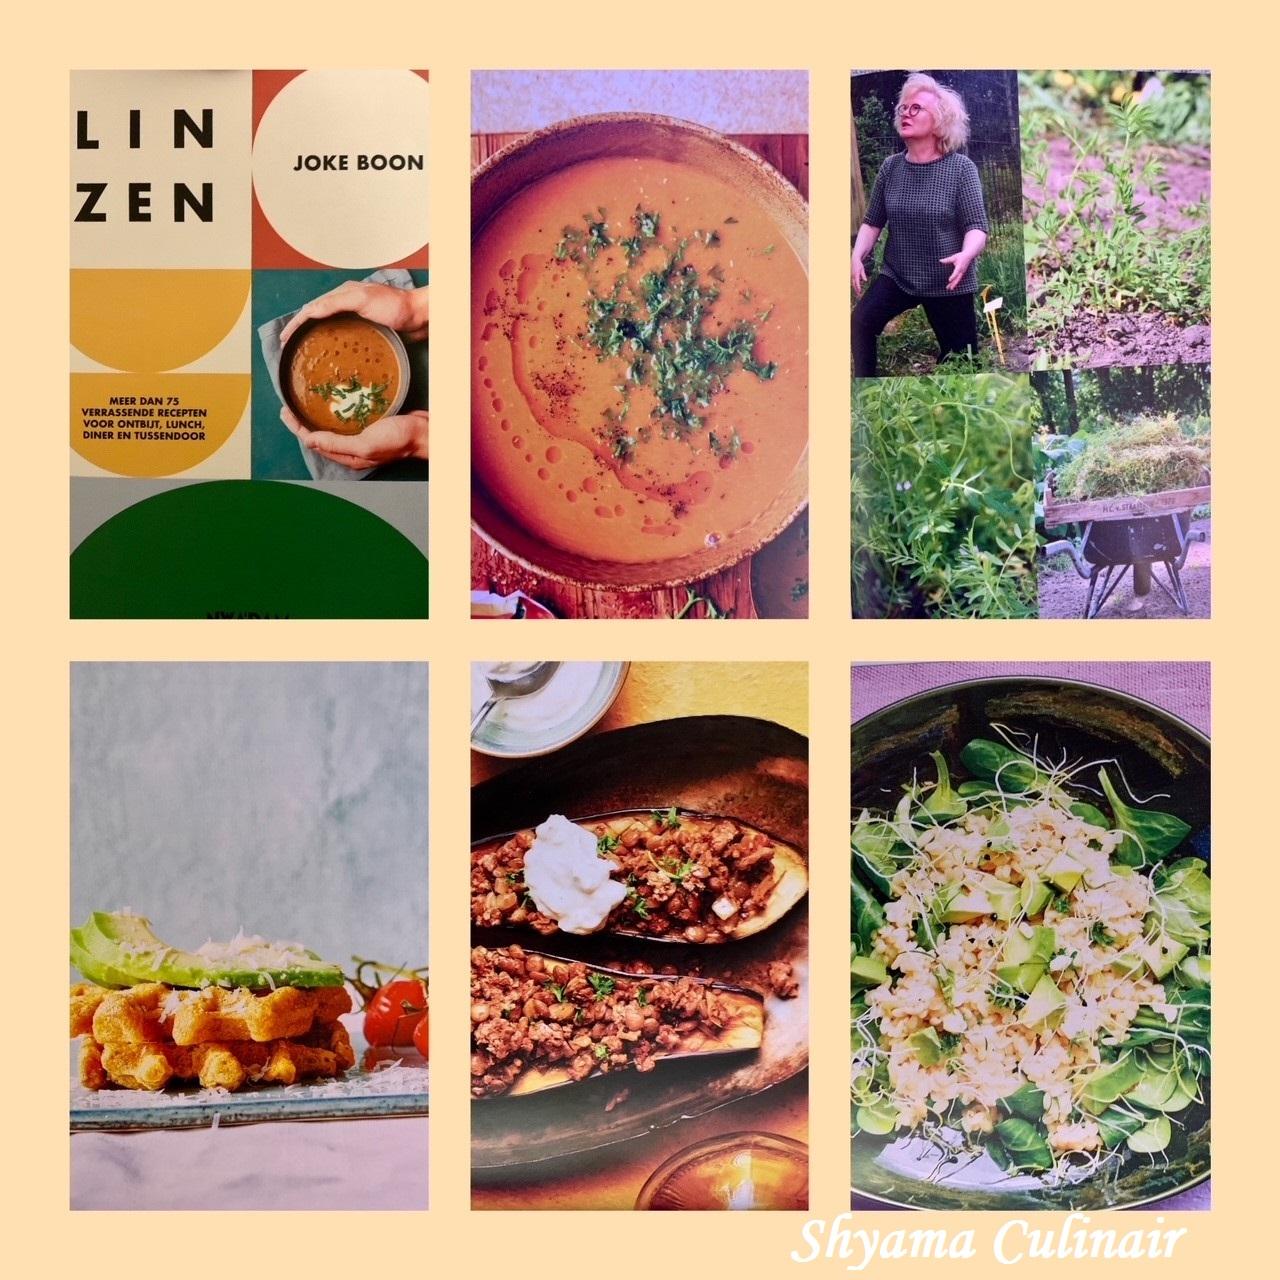 Linzen, Vegan